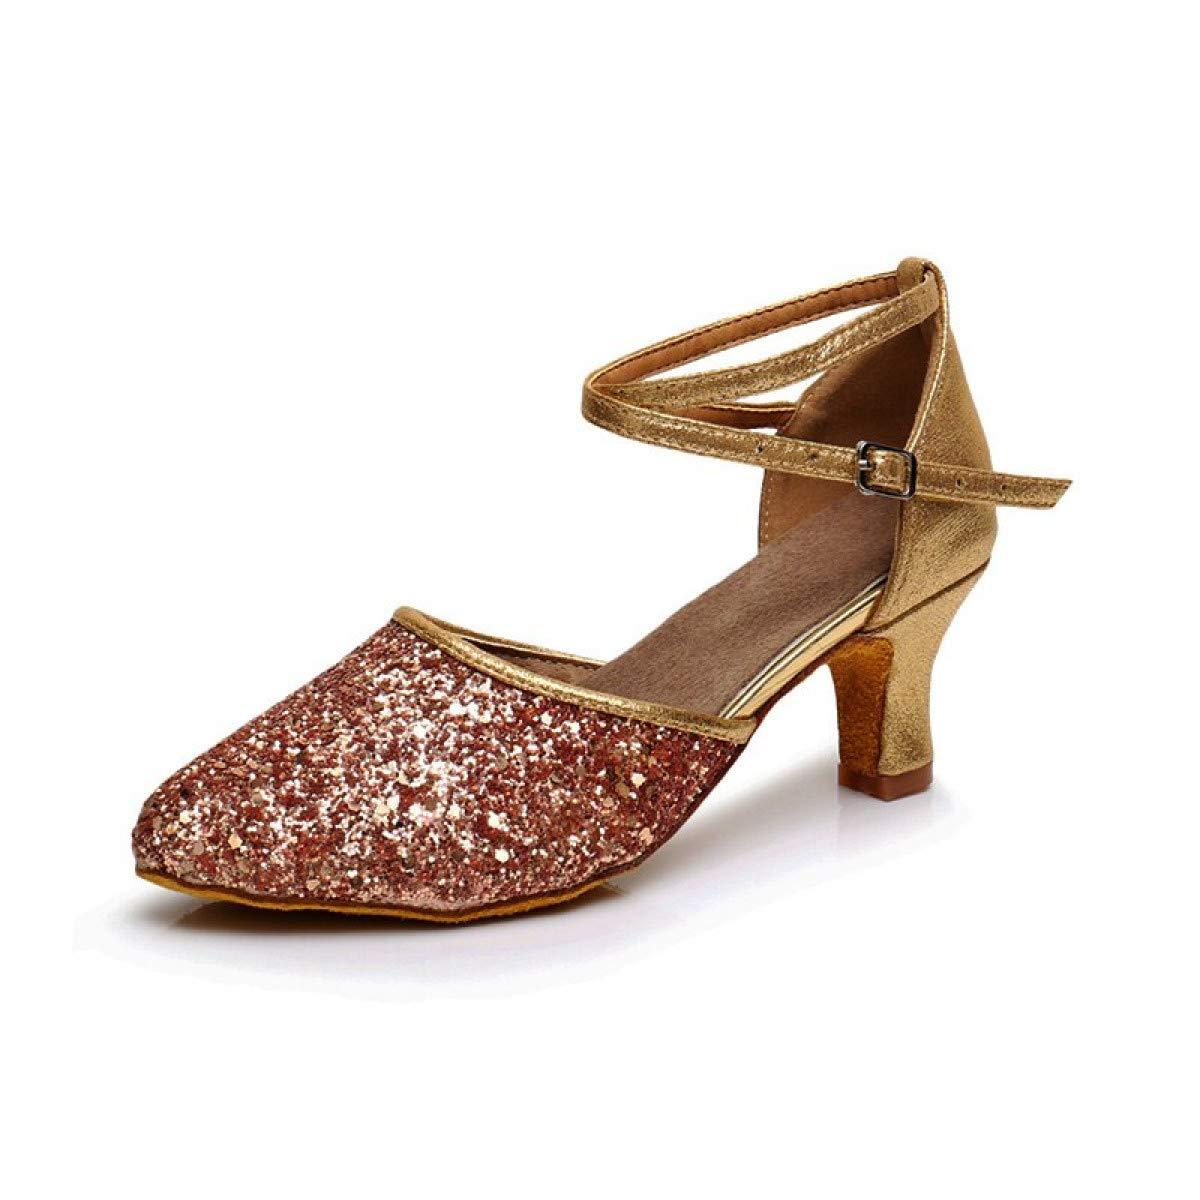 MELLOW SHOP ラテンダンスシューズ タンゴ サルサ ボールルーム ダンス ハイヒール ソフトダンスシューズ 5/7cm 6 B07RLQRWNX Rose Gold 7cm 6